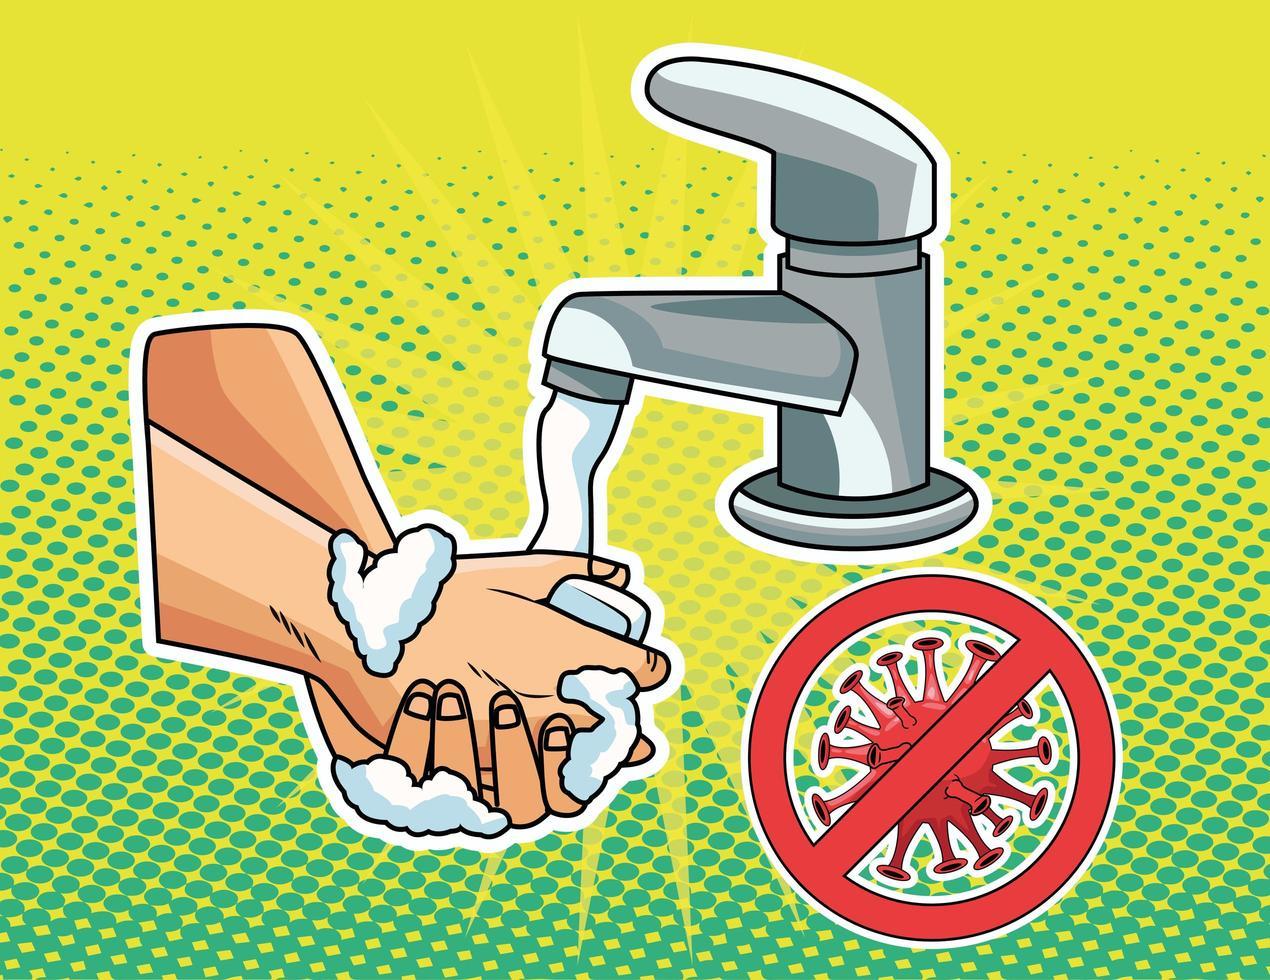 método de prevención de lavado de manos vector